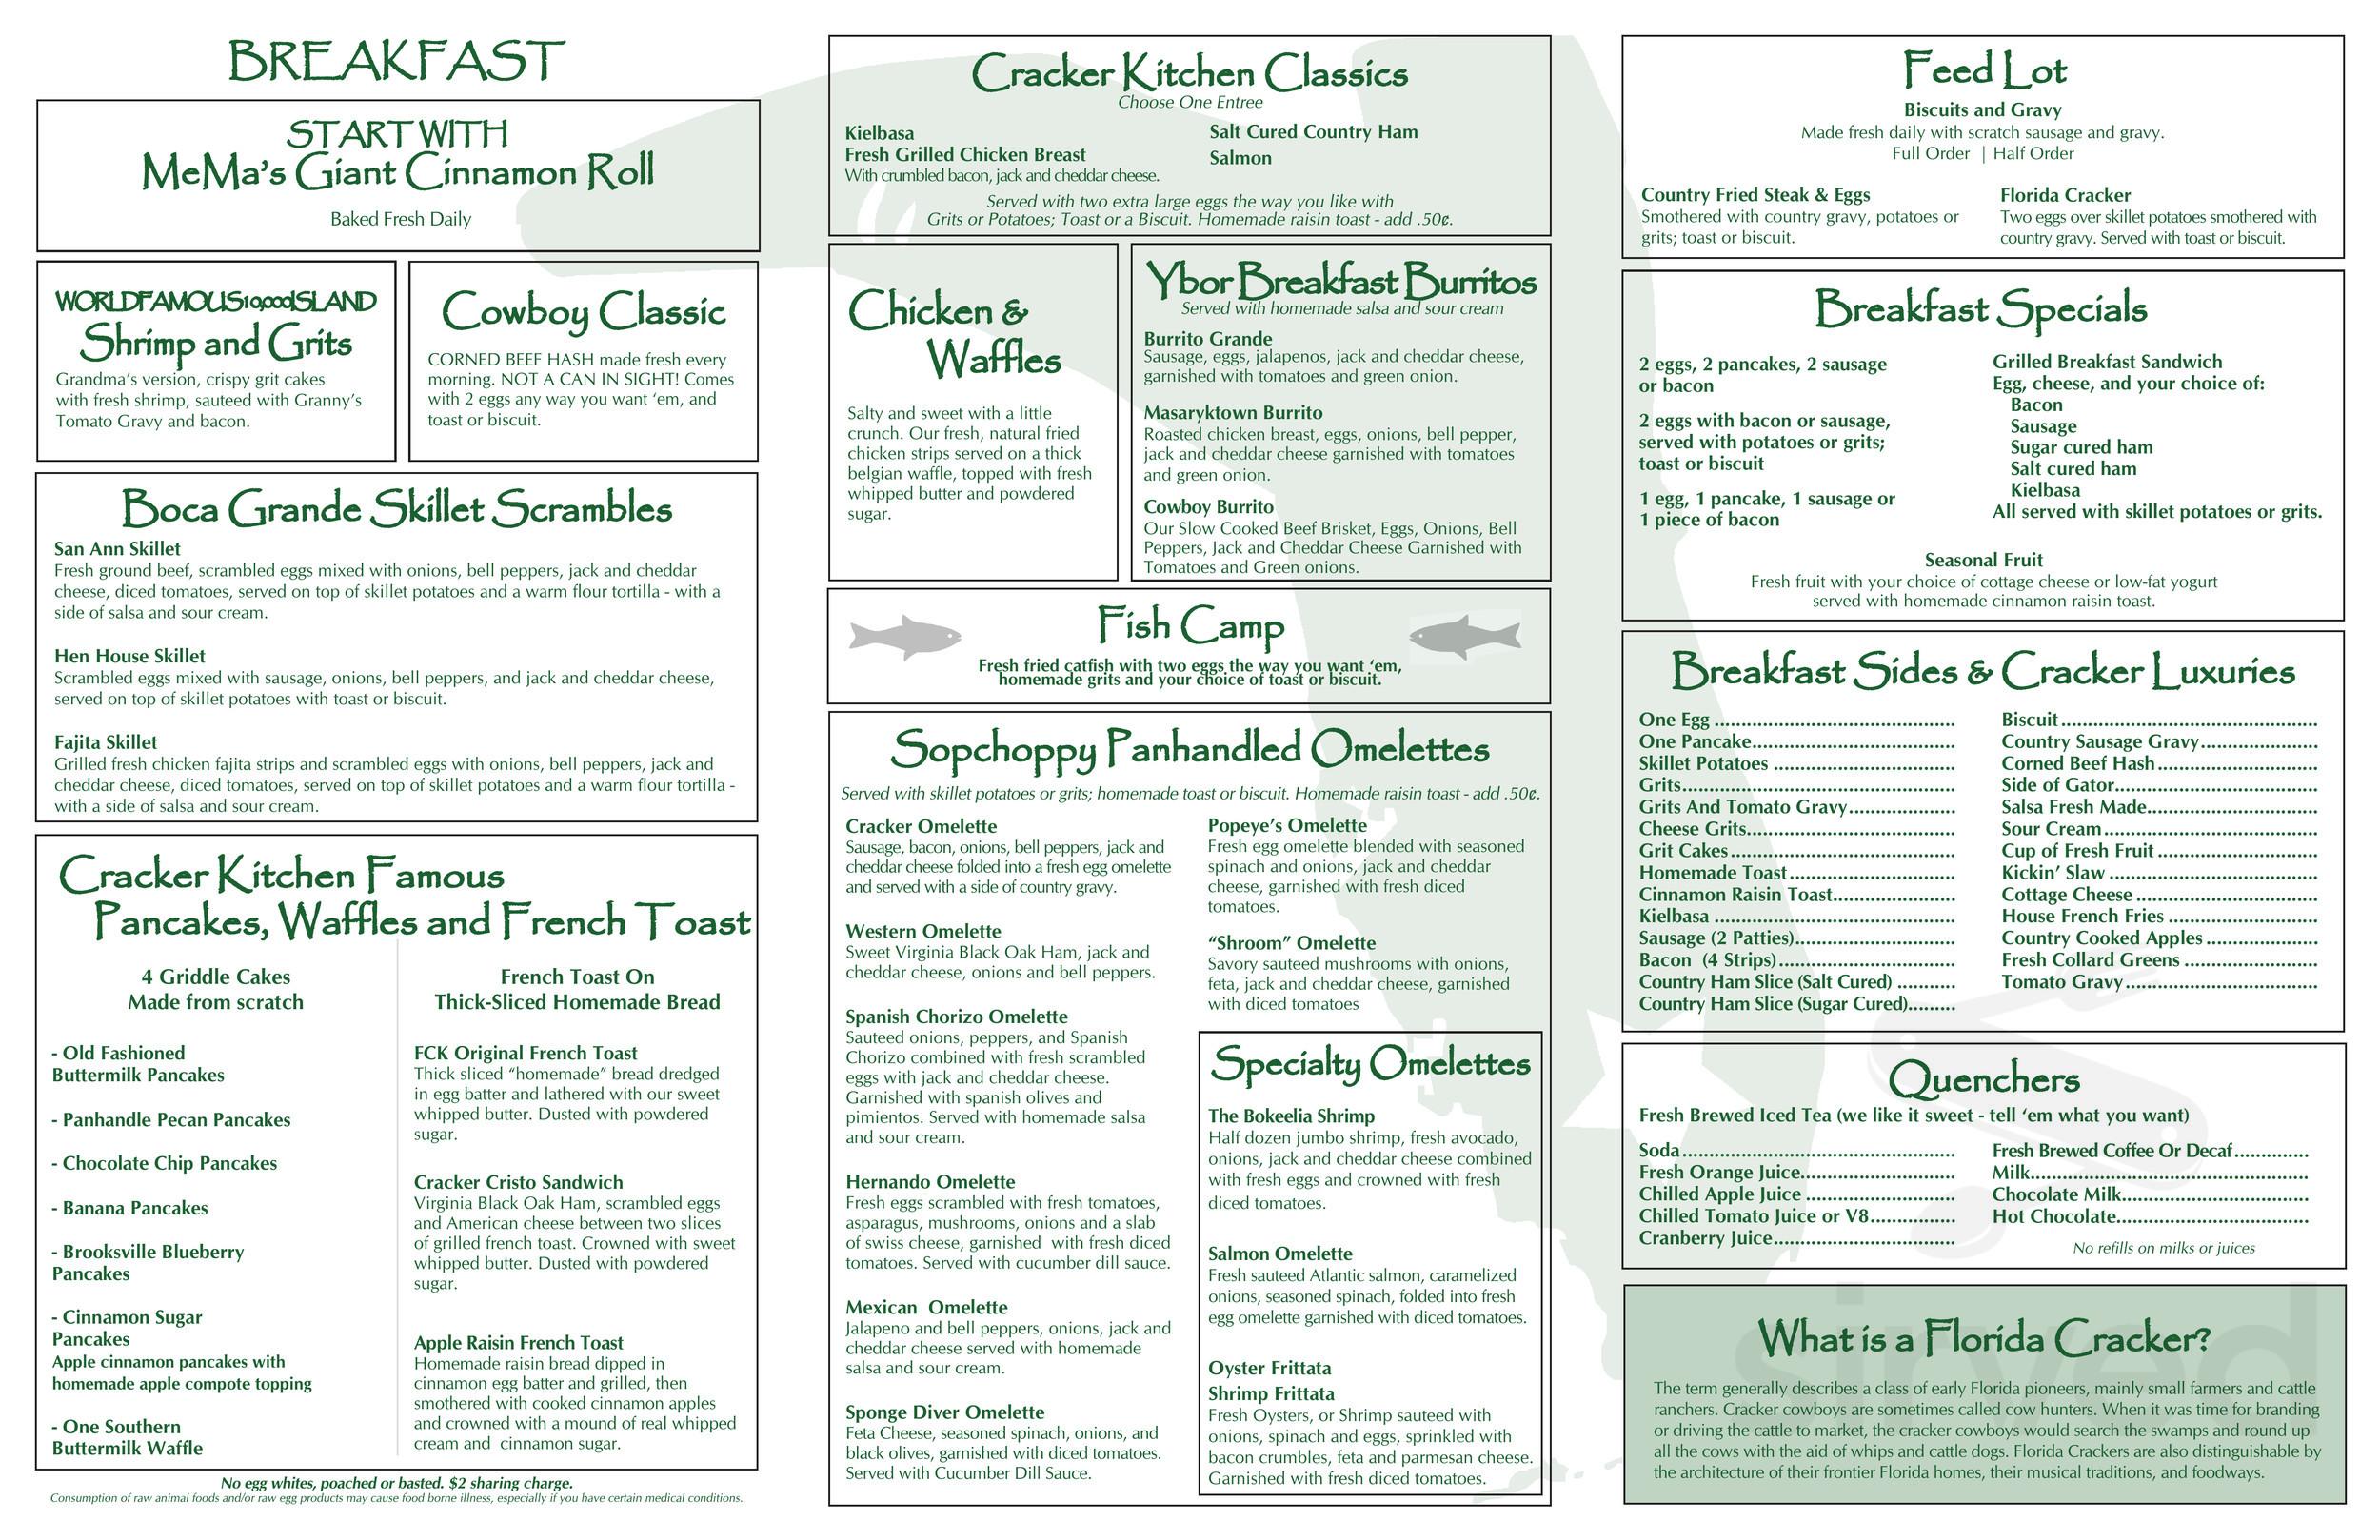 florida cracker kitchen menu prices